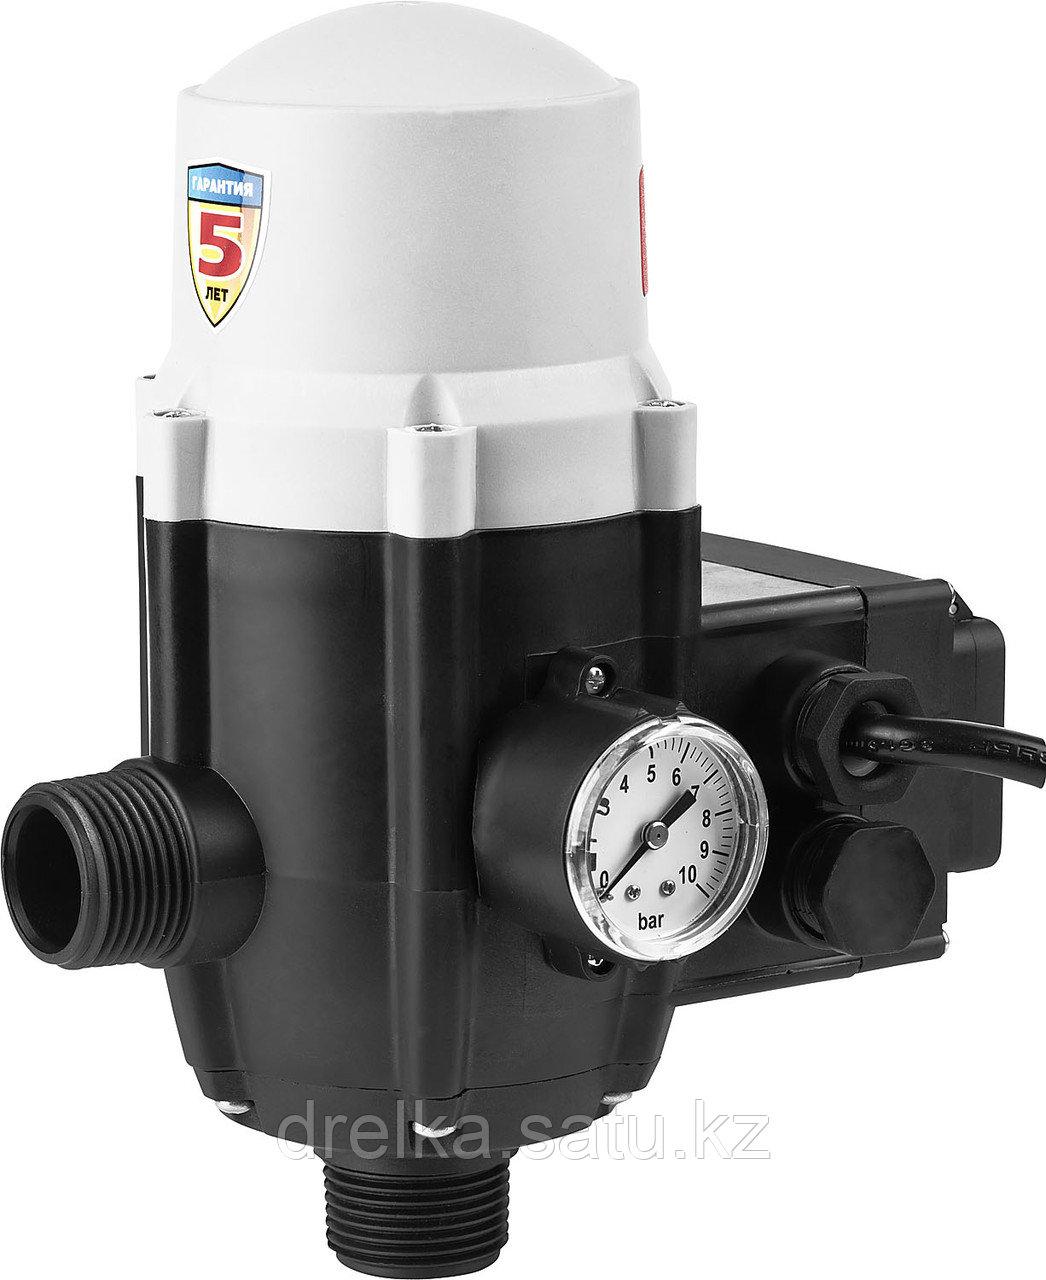 Блок автоматики ЗУБР ЗБА, давление срабатывания 1,5 Атм ,макс мощность подключаемых насосов 1,1 кВт